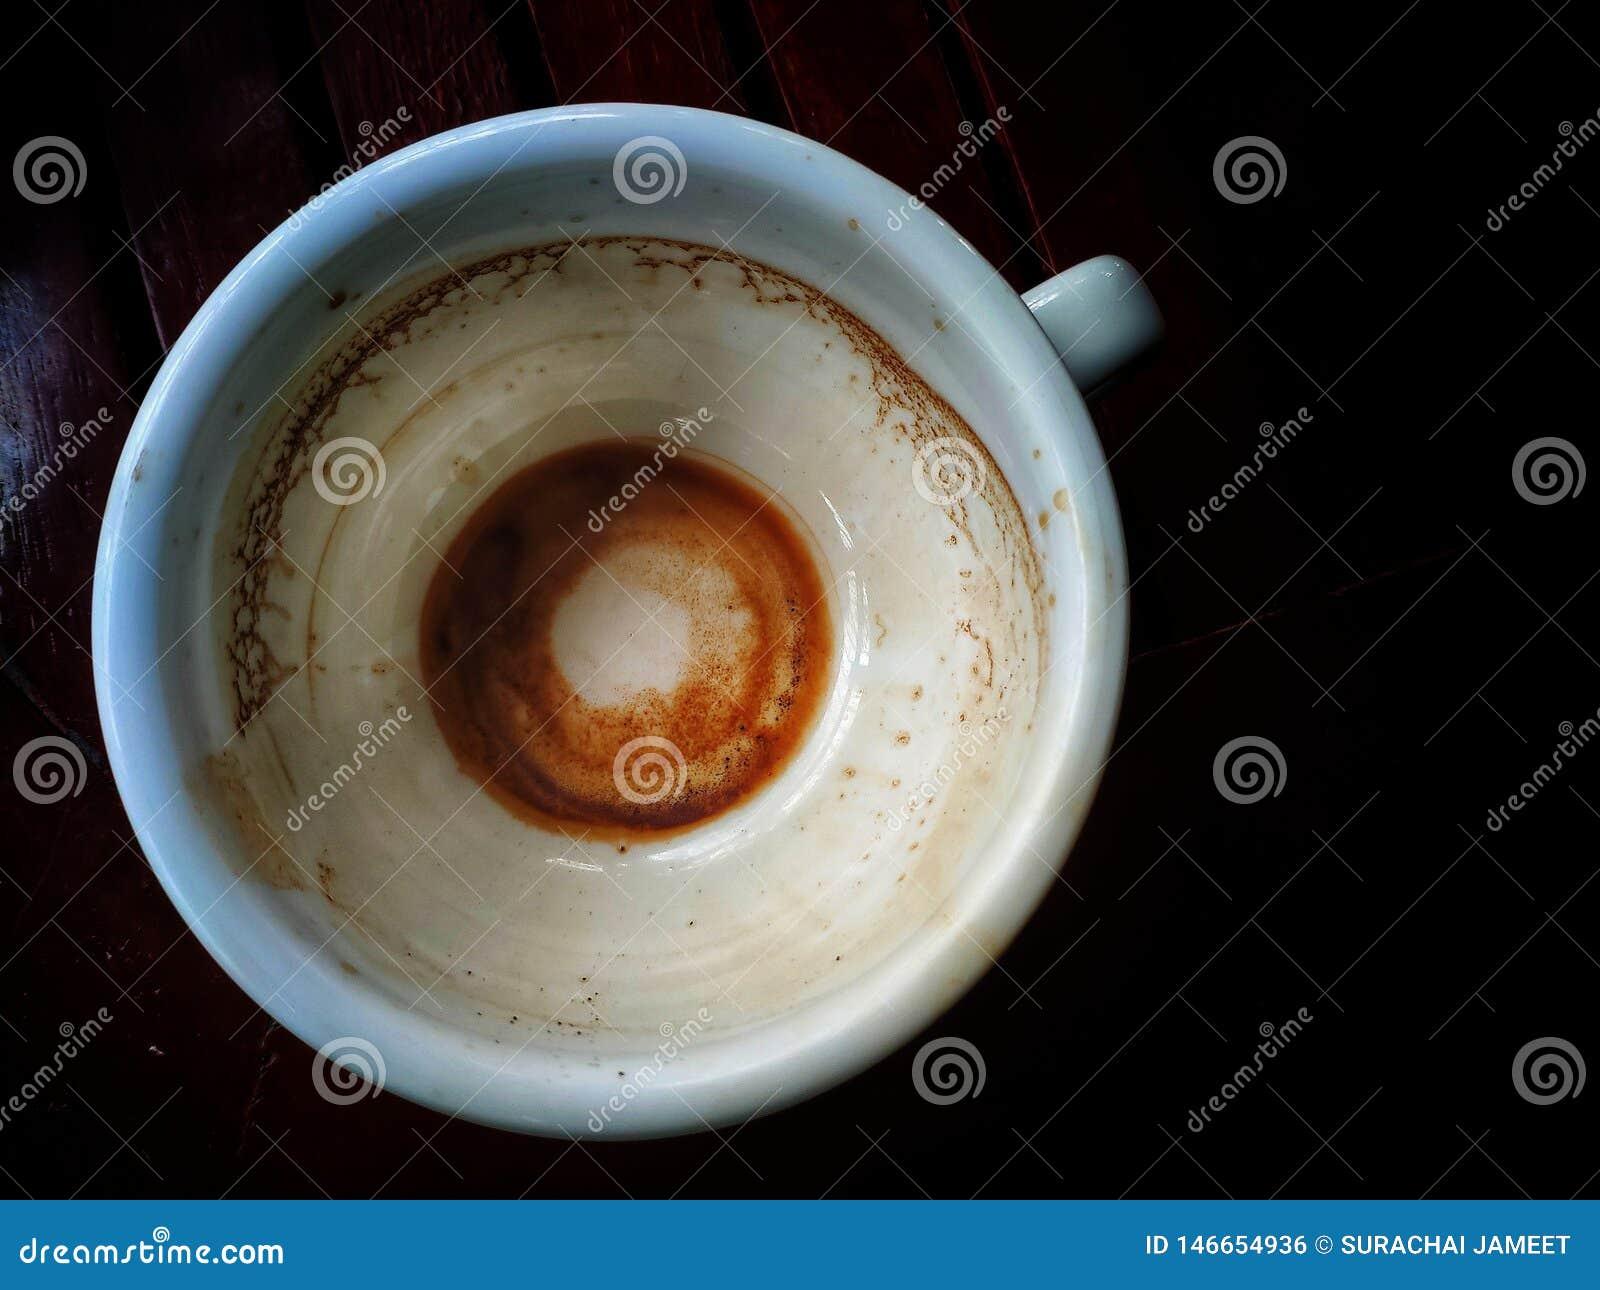 Ein Tasse Kaffee, nachdem nur die Kaffeeschrotte auf der Unterseite getrunken worden sind und gesehen worden sind